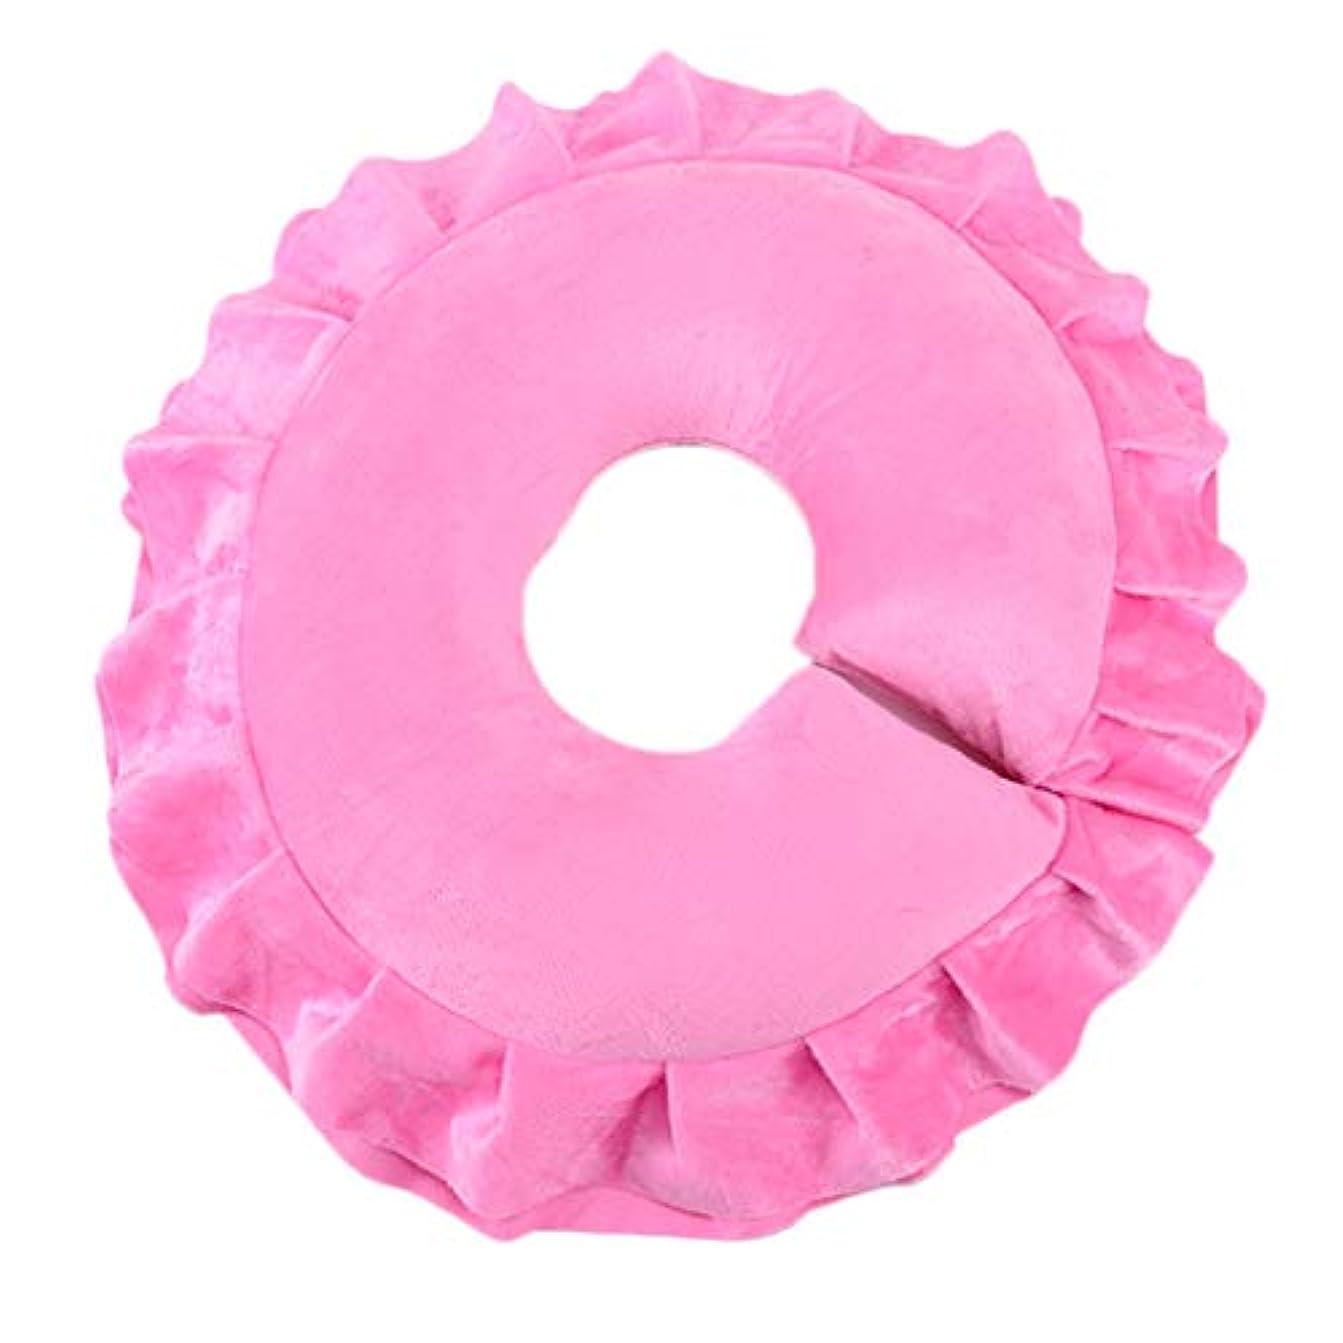 ネックレットエキスパート虚栄心顔枕 マッサージ用 フェイスピロー 枕 フェイスクッション ソフト マッサージ クッション 全4色 - ピンク